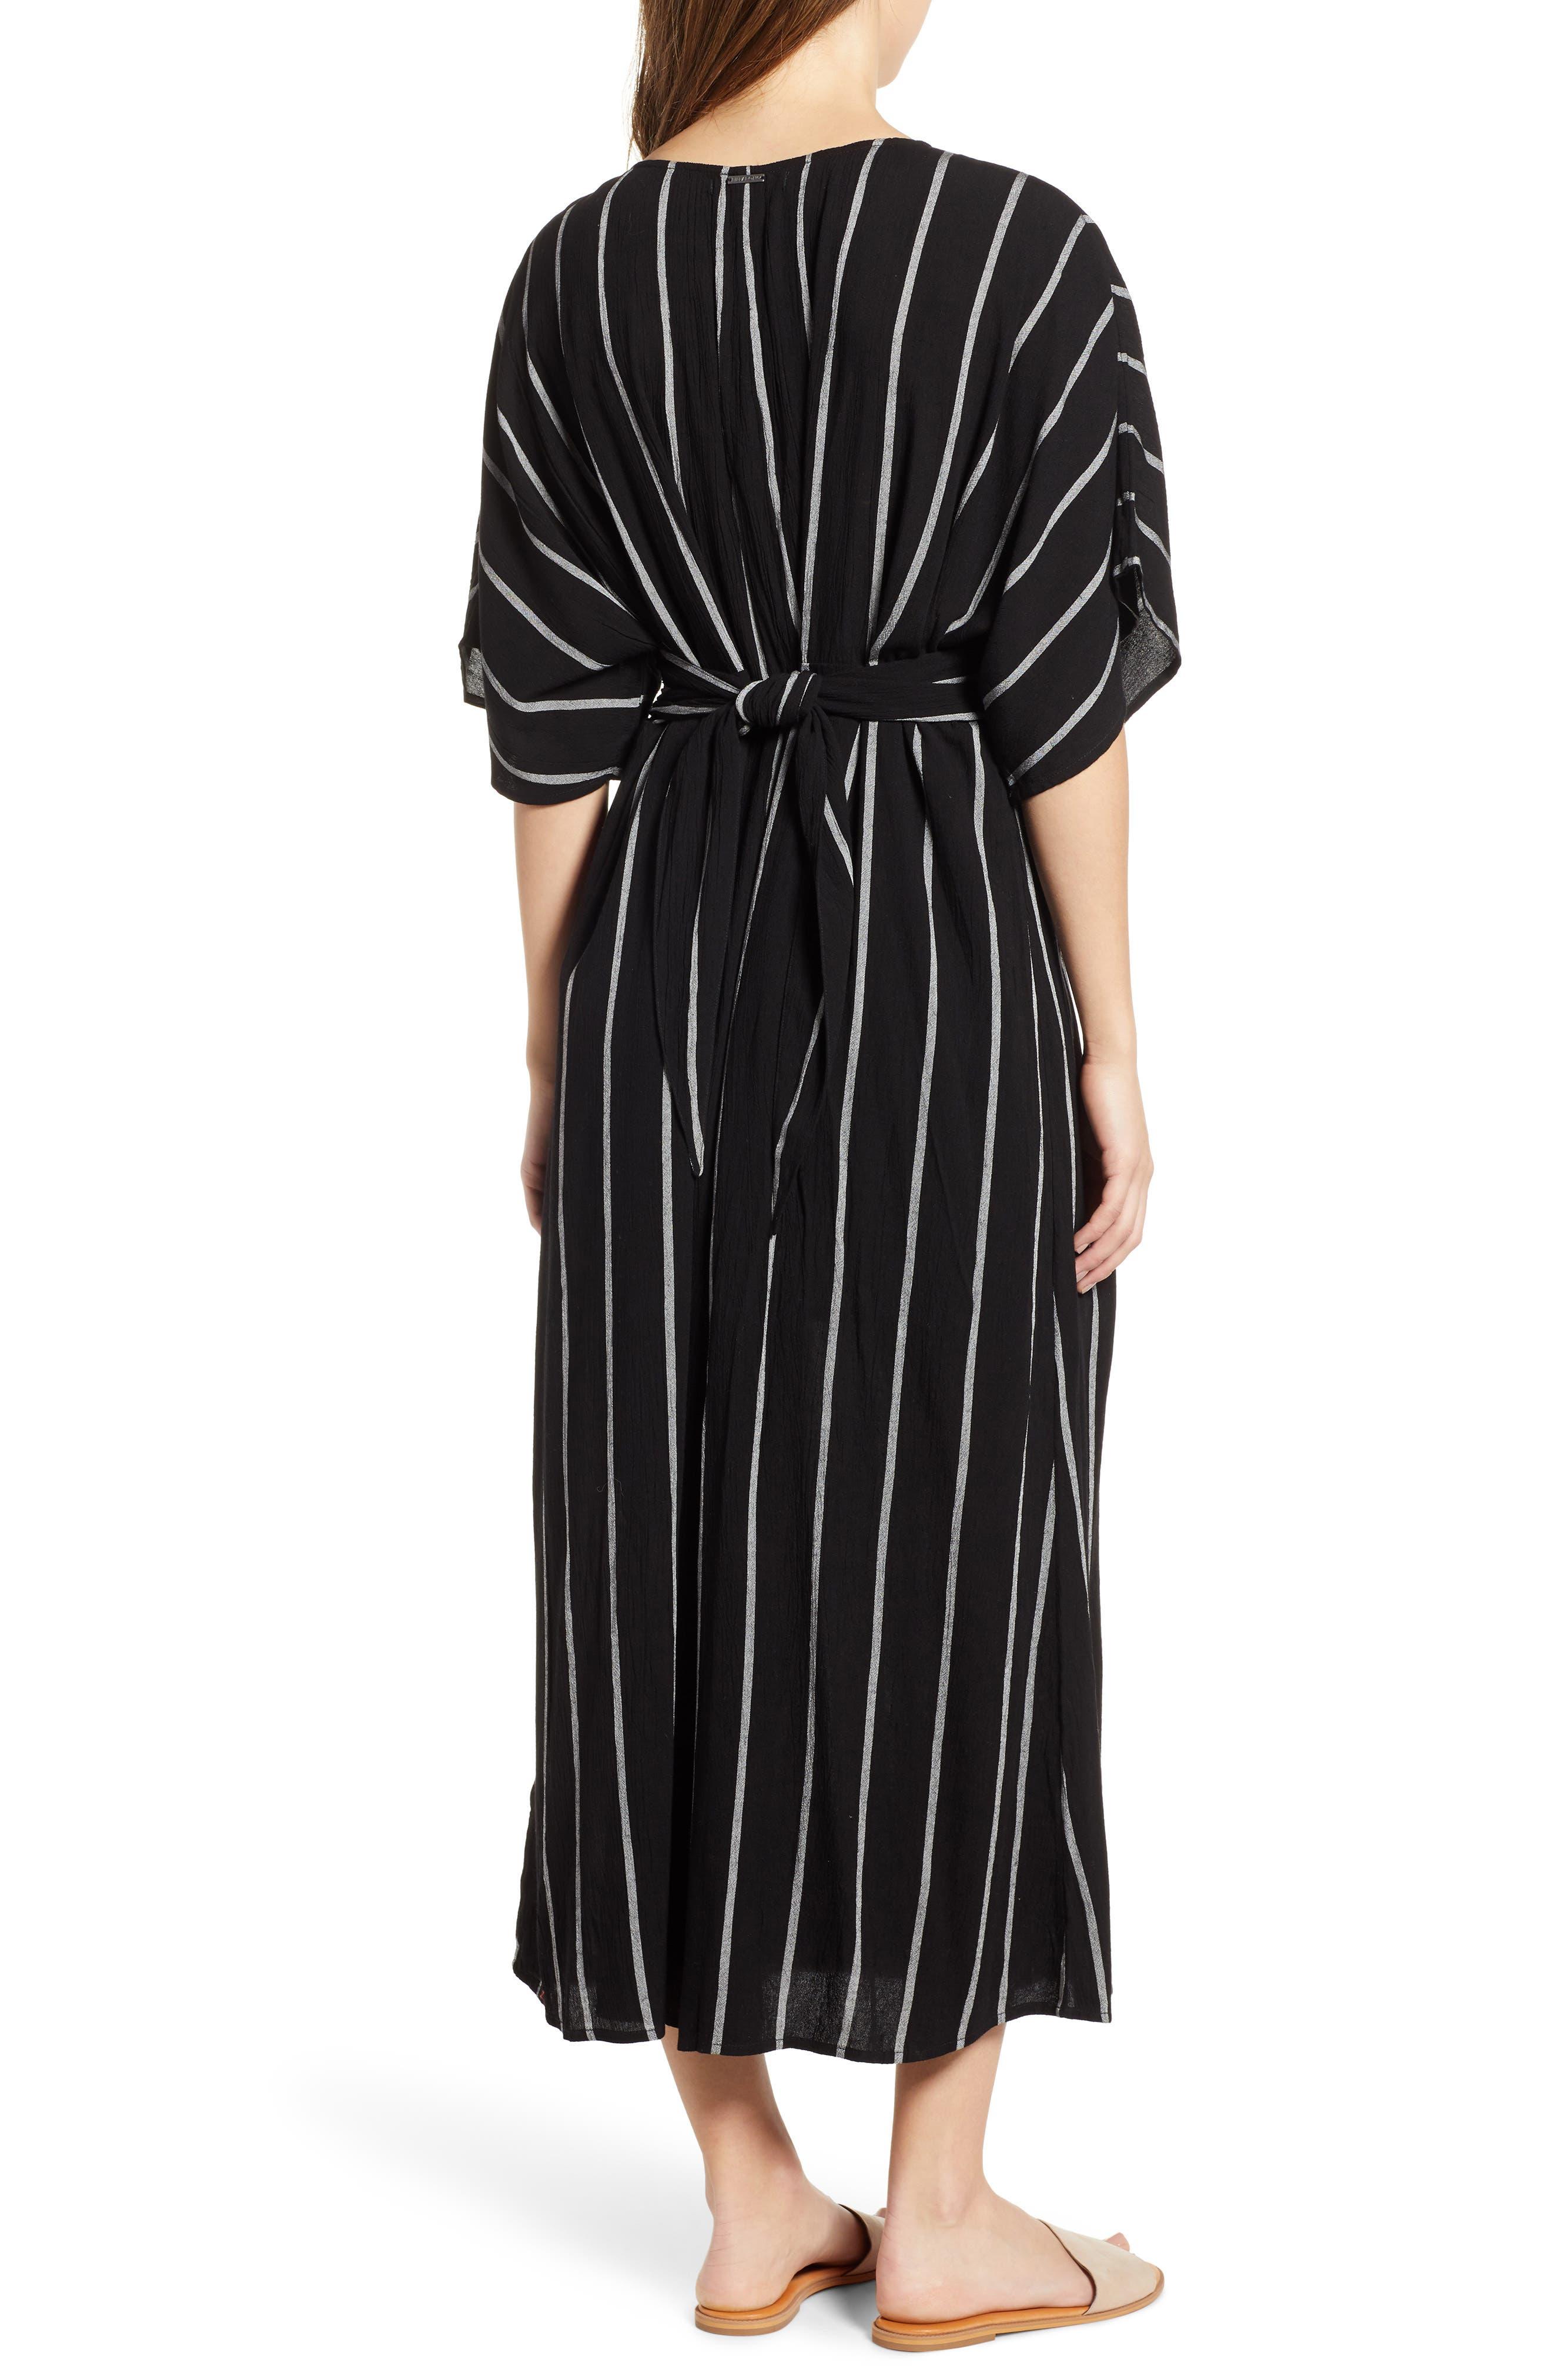 BILLABONG, Forever Fine Dress, Alternate thumbnail 2, color, BLACK